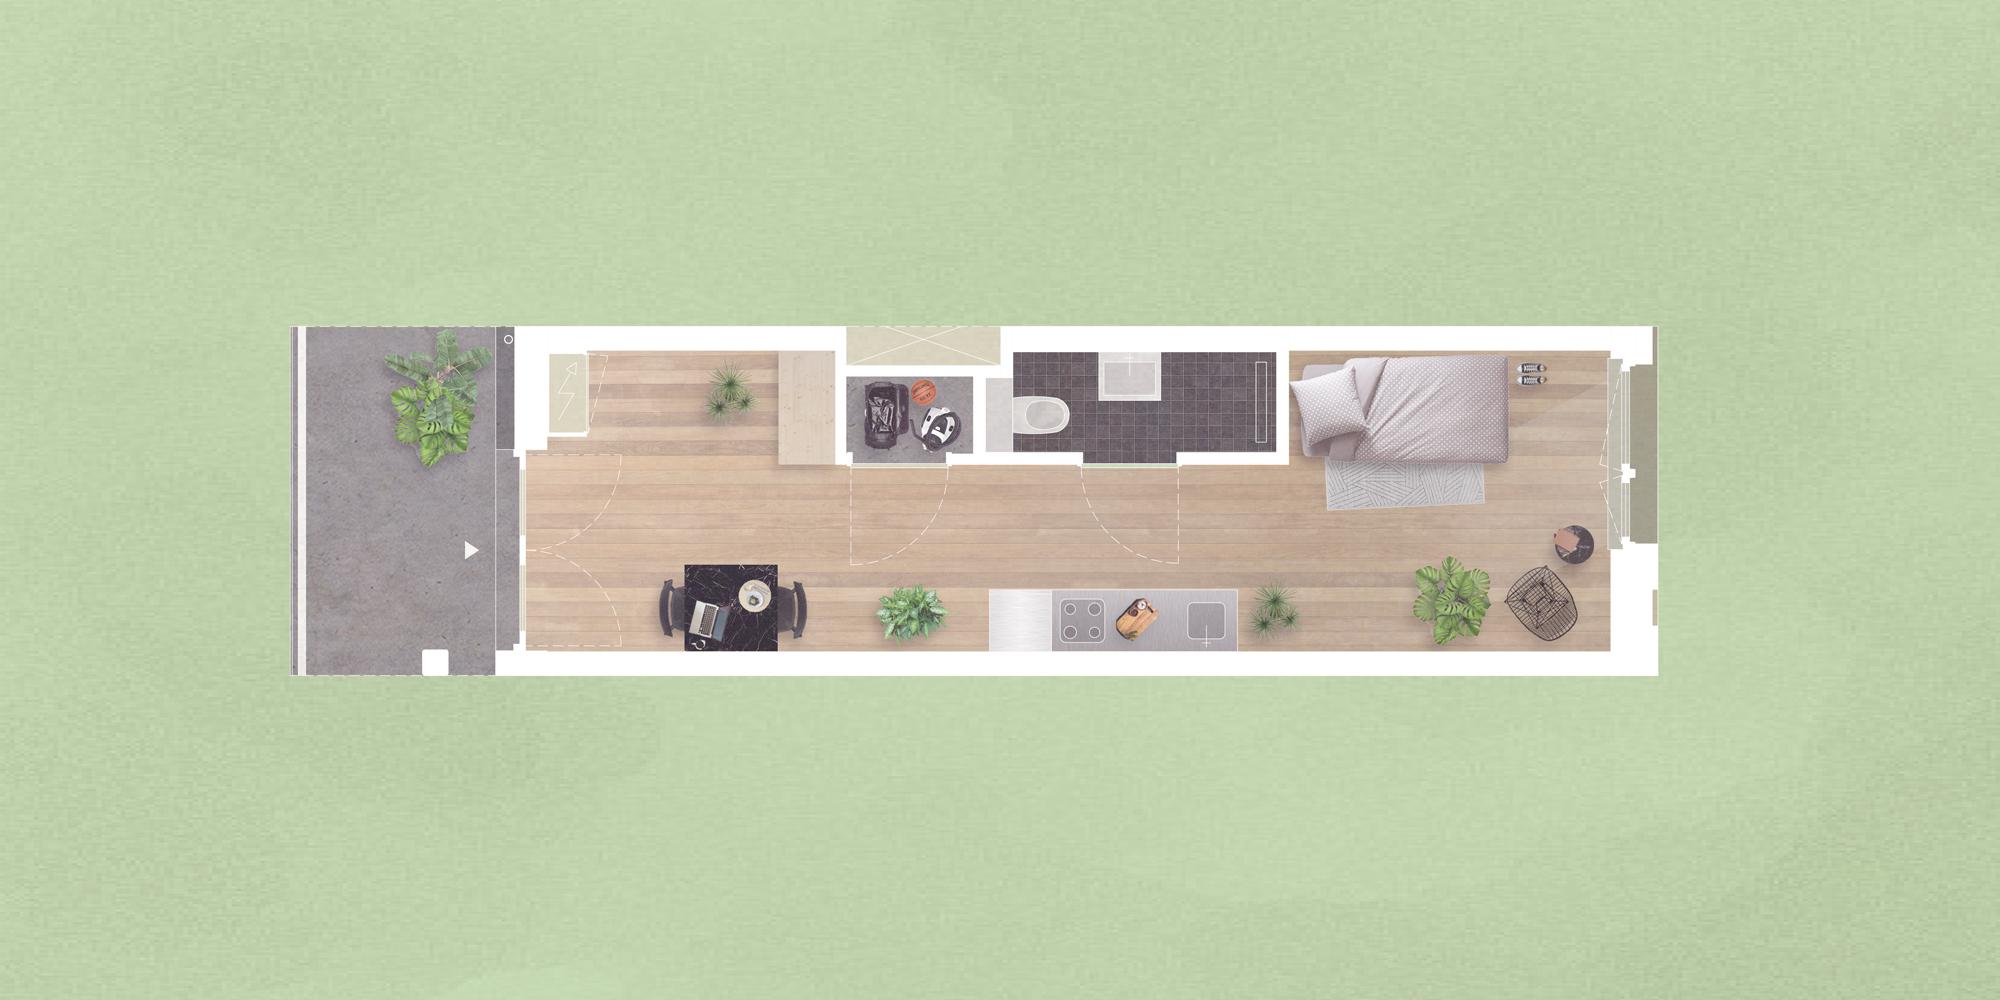 <p>Oostenburgereiland in Amsterdam door Studio architectuurMAKEN. Beeld Studio architectuurMAKEN</p>